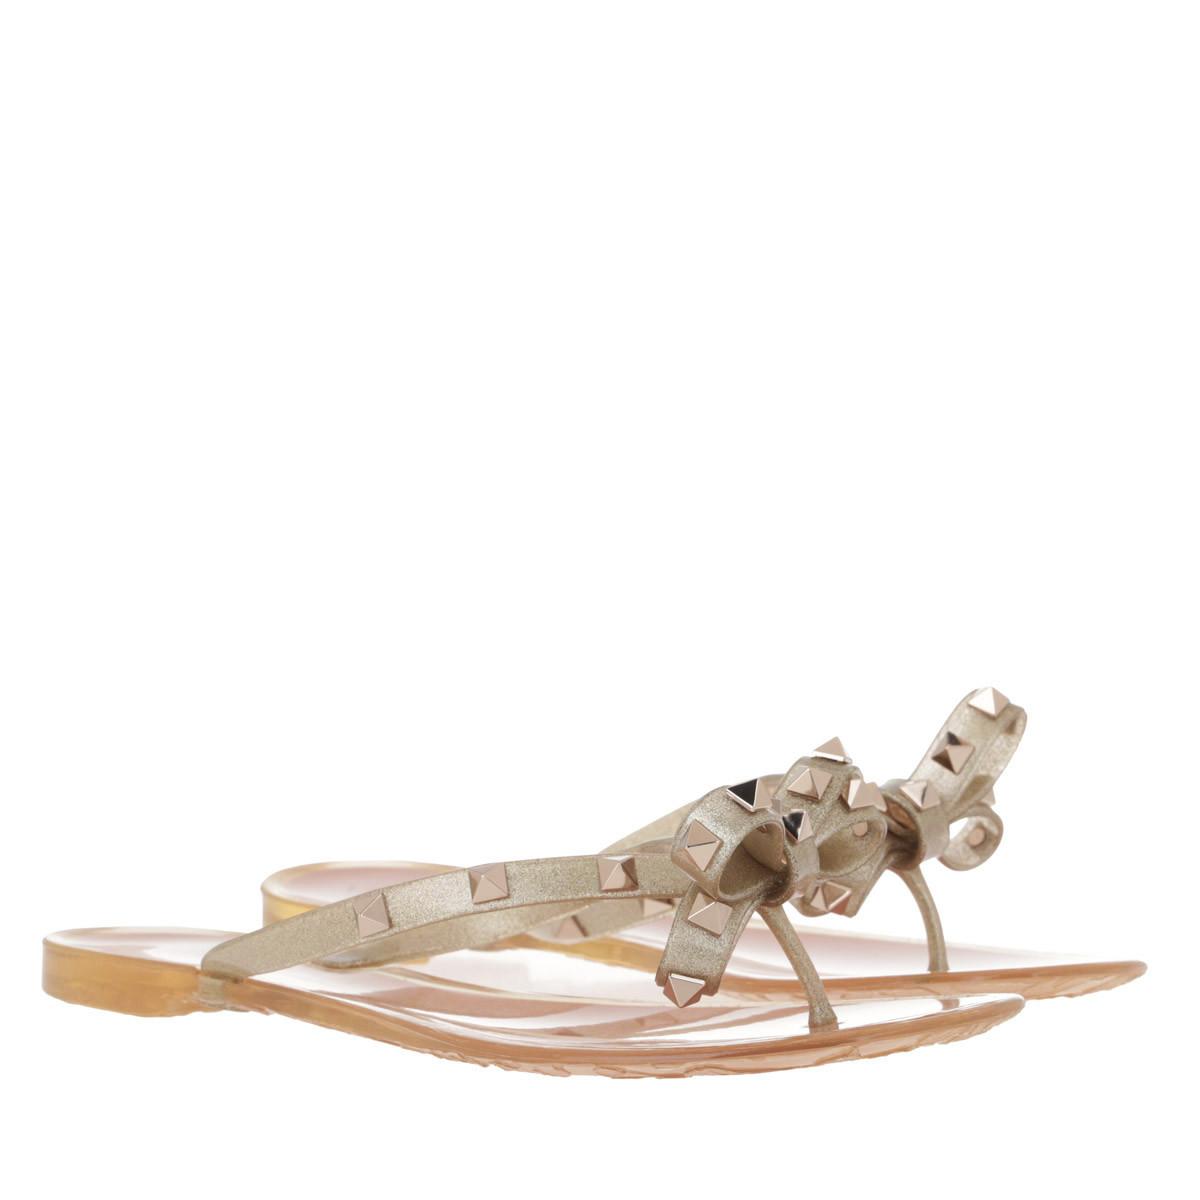 Valentino Schuhe - Rockstud Flip Flops Gold - in gold - für Damen